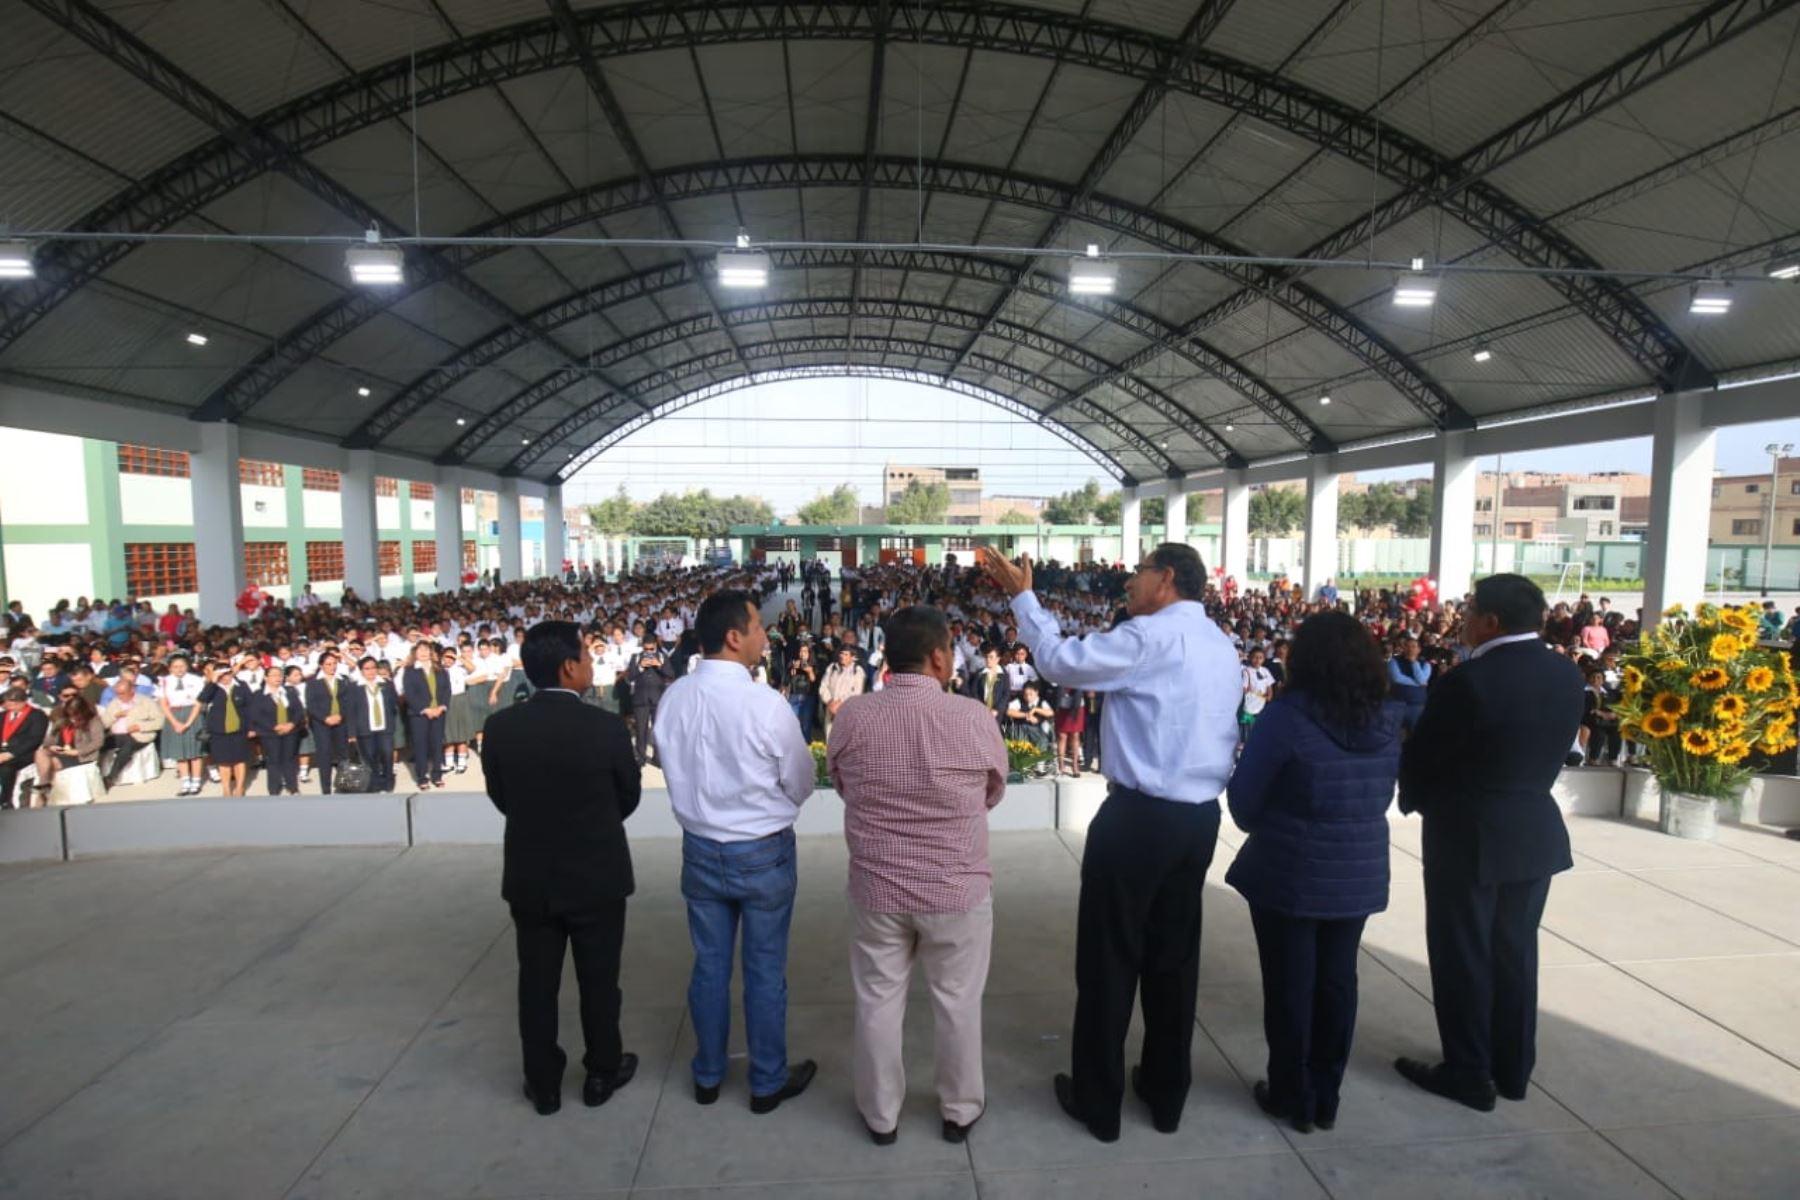 El presidente Martín Vizcarra se encuentra en Chiclayo para visitar la IE Elvira García y García y supervisar la reanudación del servicio educativo, así como sostener un encuentro con docentes y estudiantes de dicho colegio. Foto: ANDINA/Prensa Presidencia.